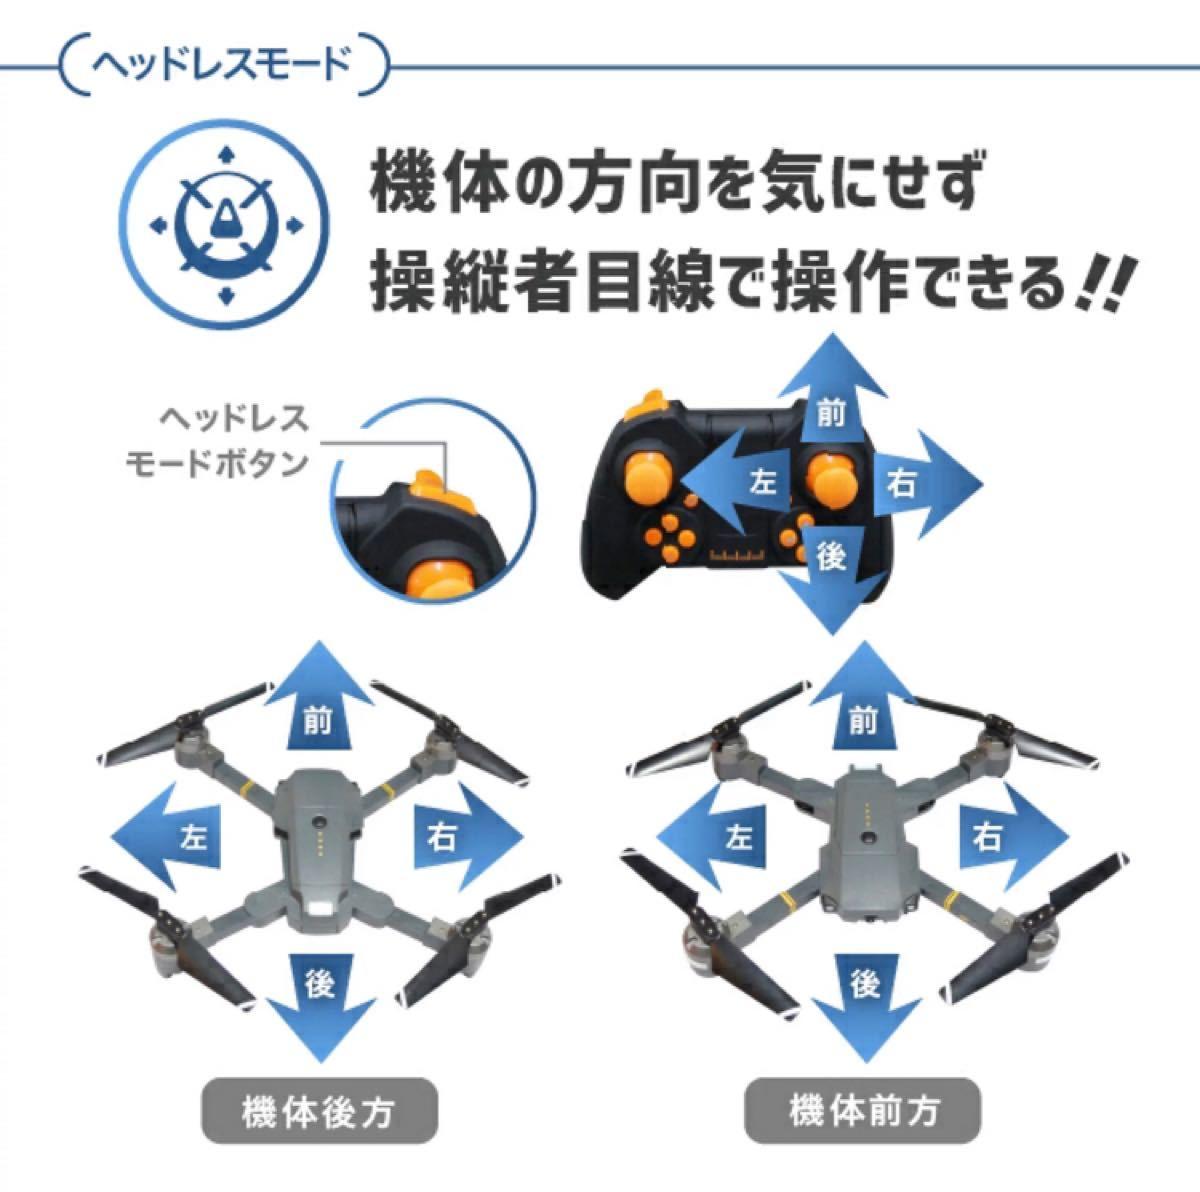 ドローン 新品 1080P wifi カメラ 新品未開封 早い者勝ち!